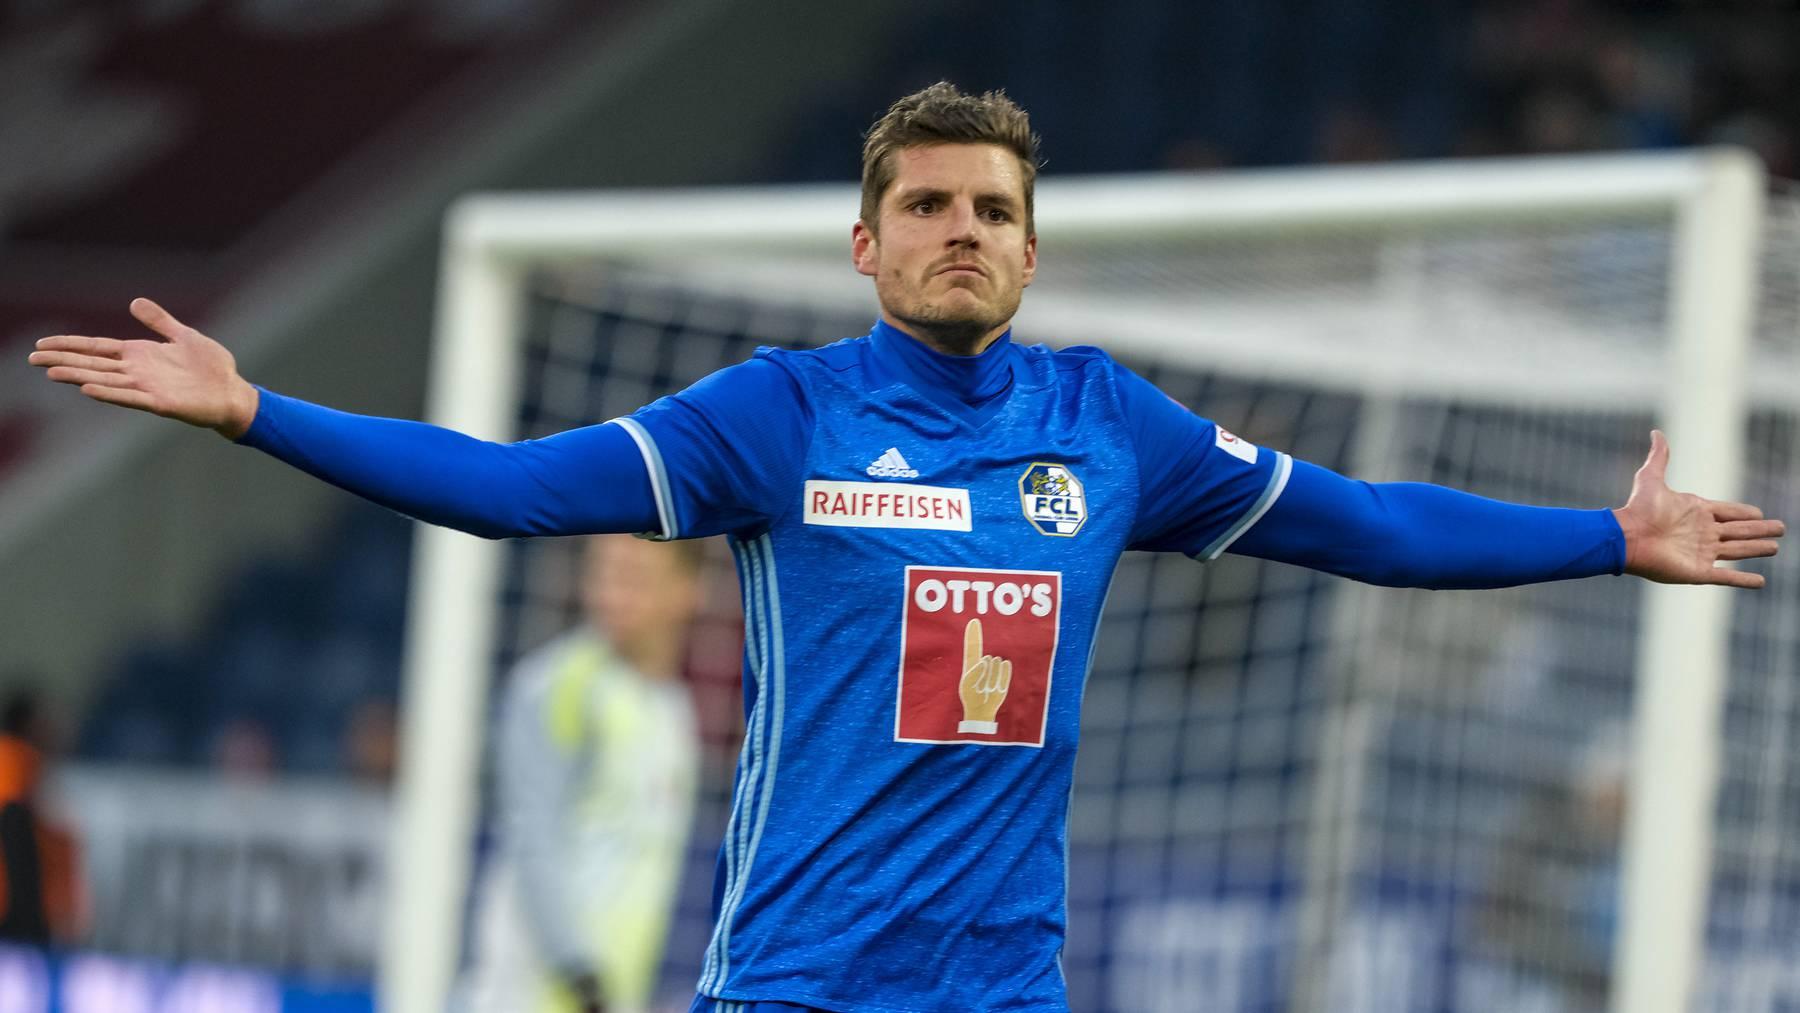 FCL-Stürmer Pascal Schürpf jubelt nach dem Tor zum 1:0 in der 8. Minute.